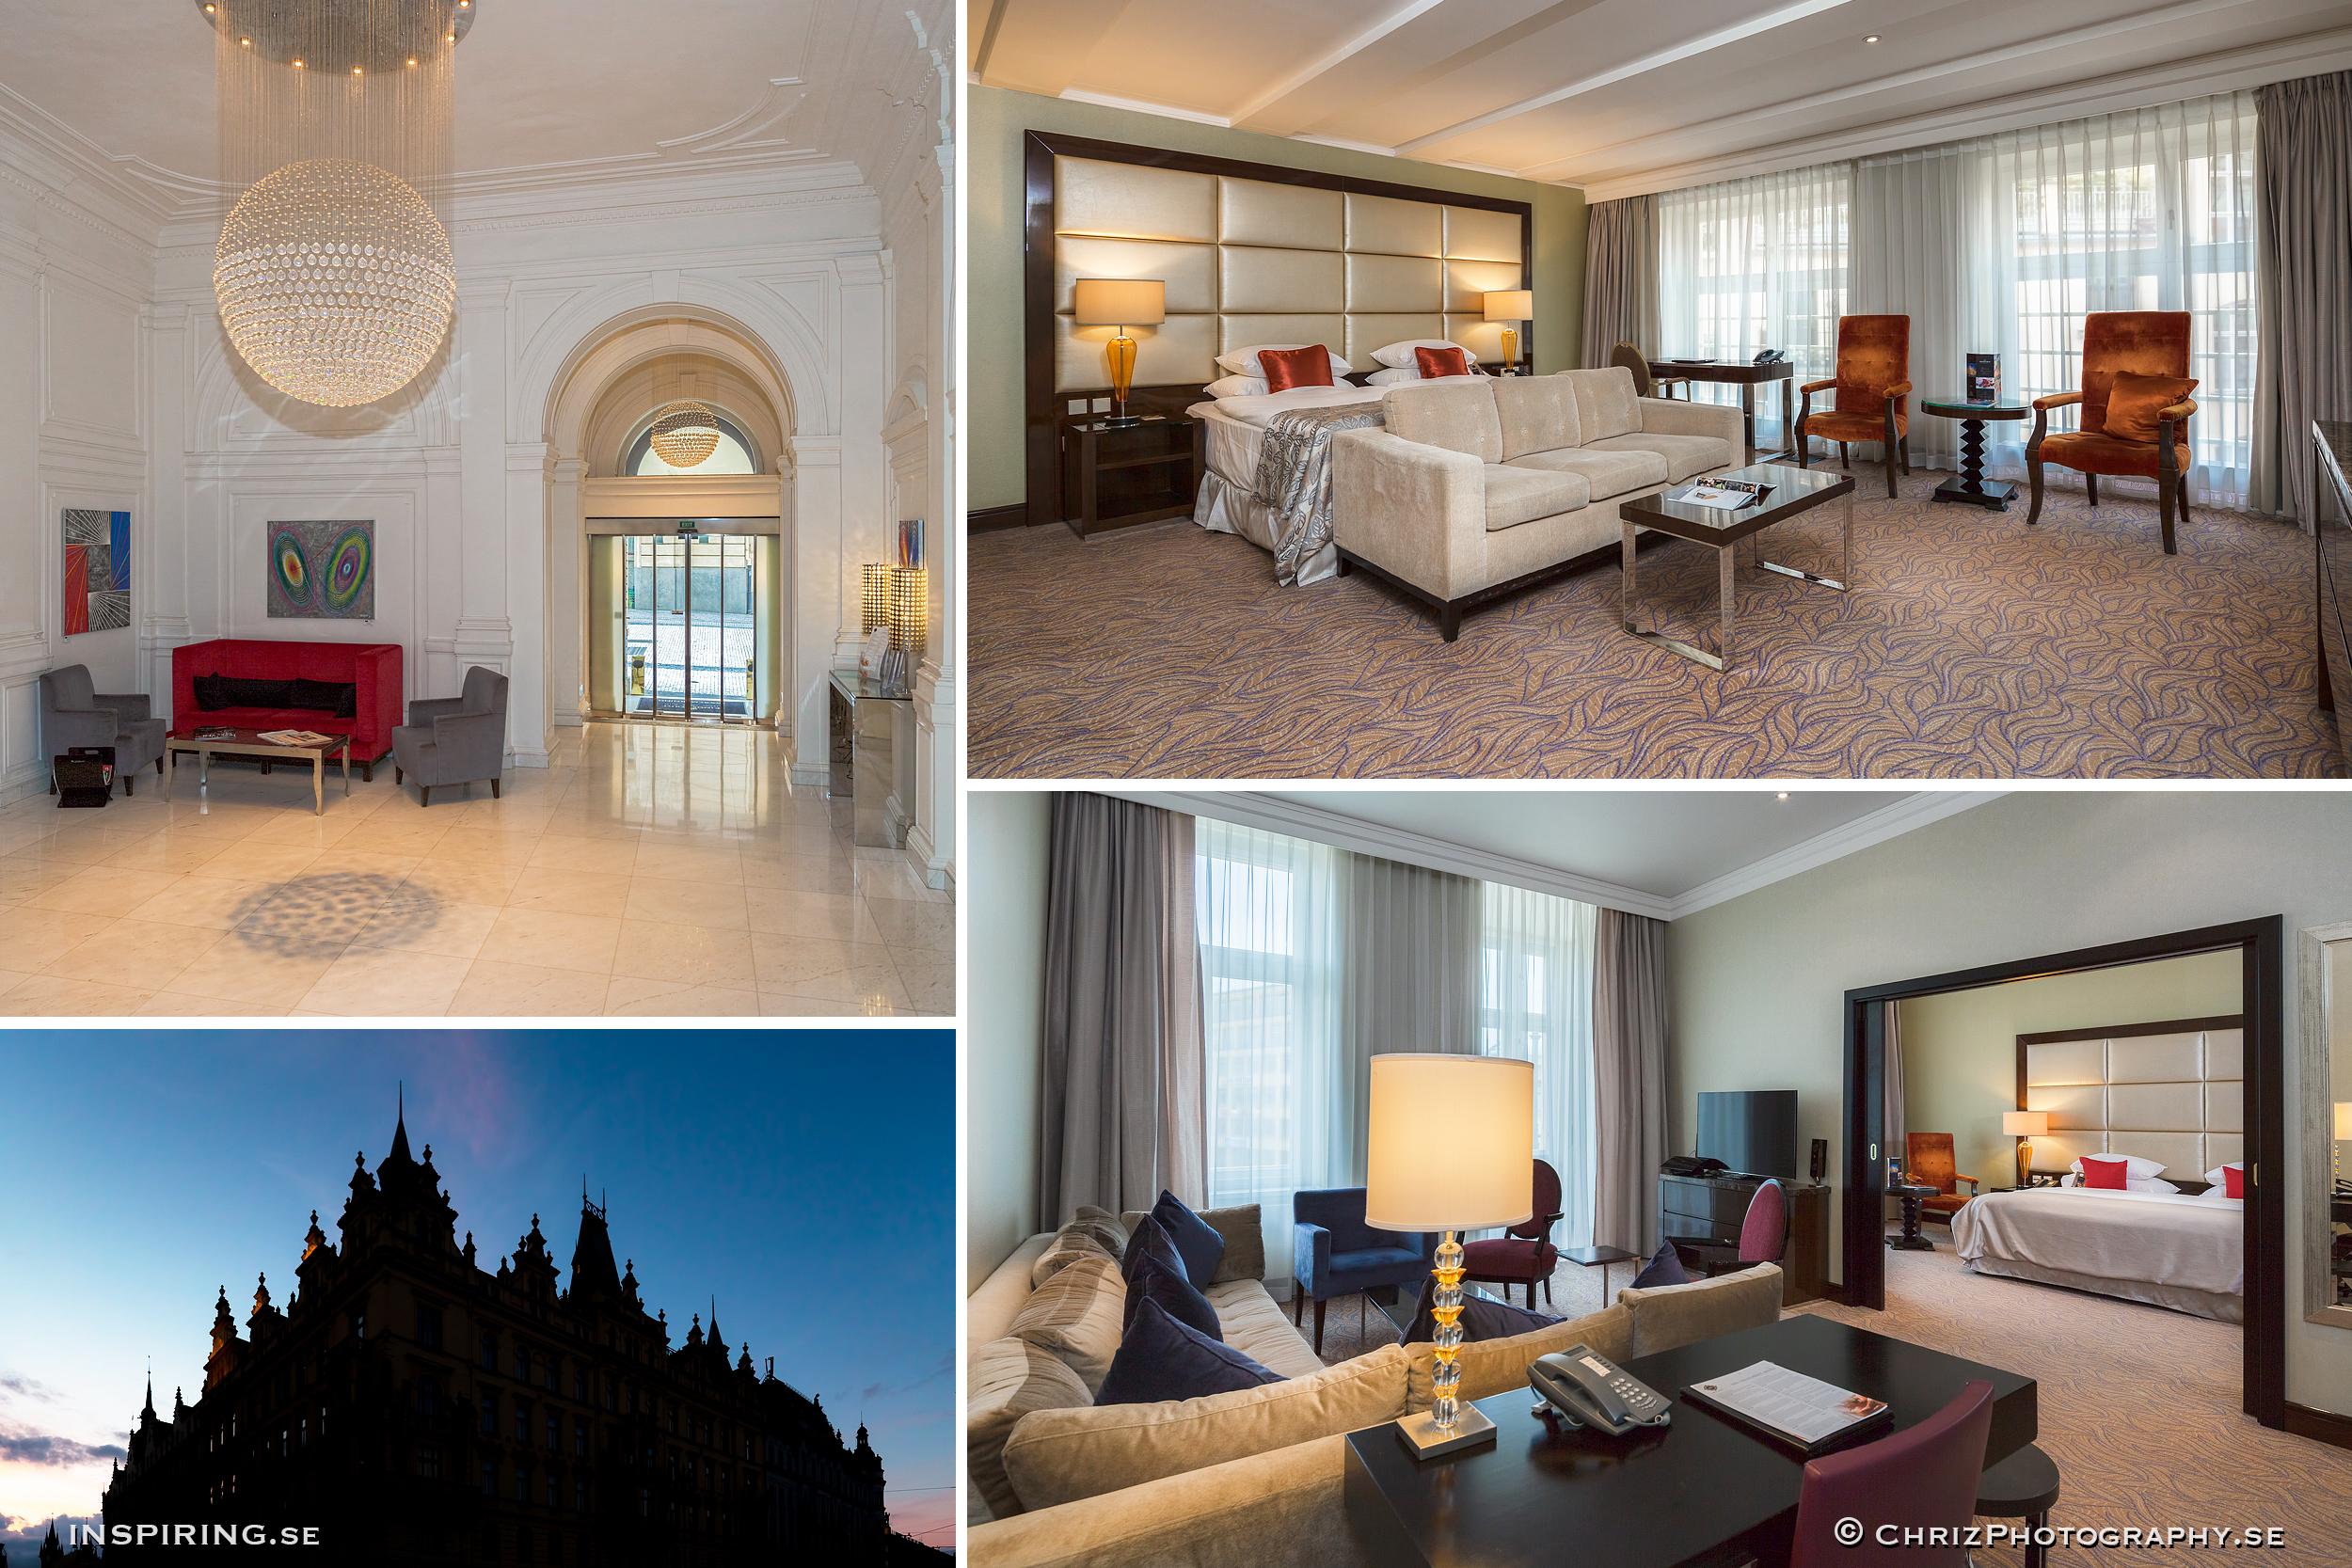 HotelKingsCourt_Inspiring.se_copyright_ChrizPhotography.se_10.jpg